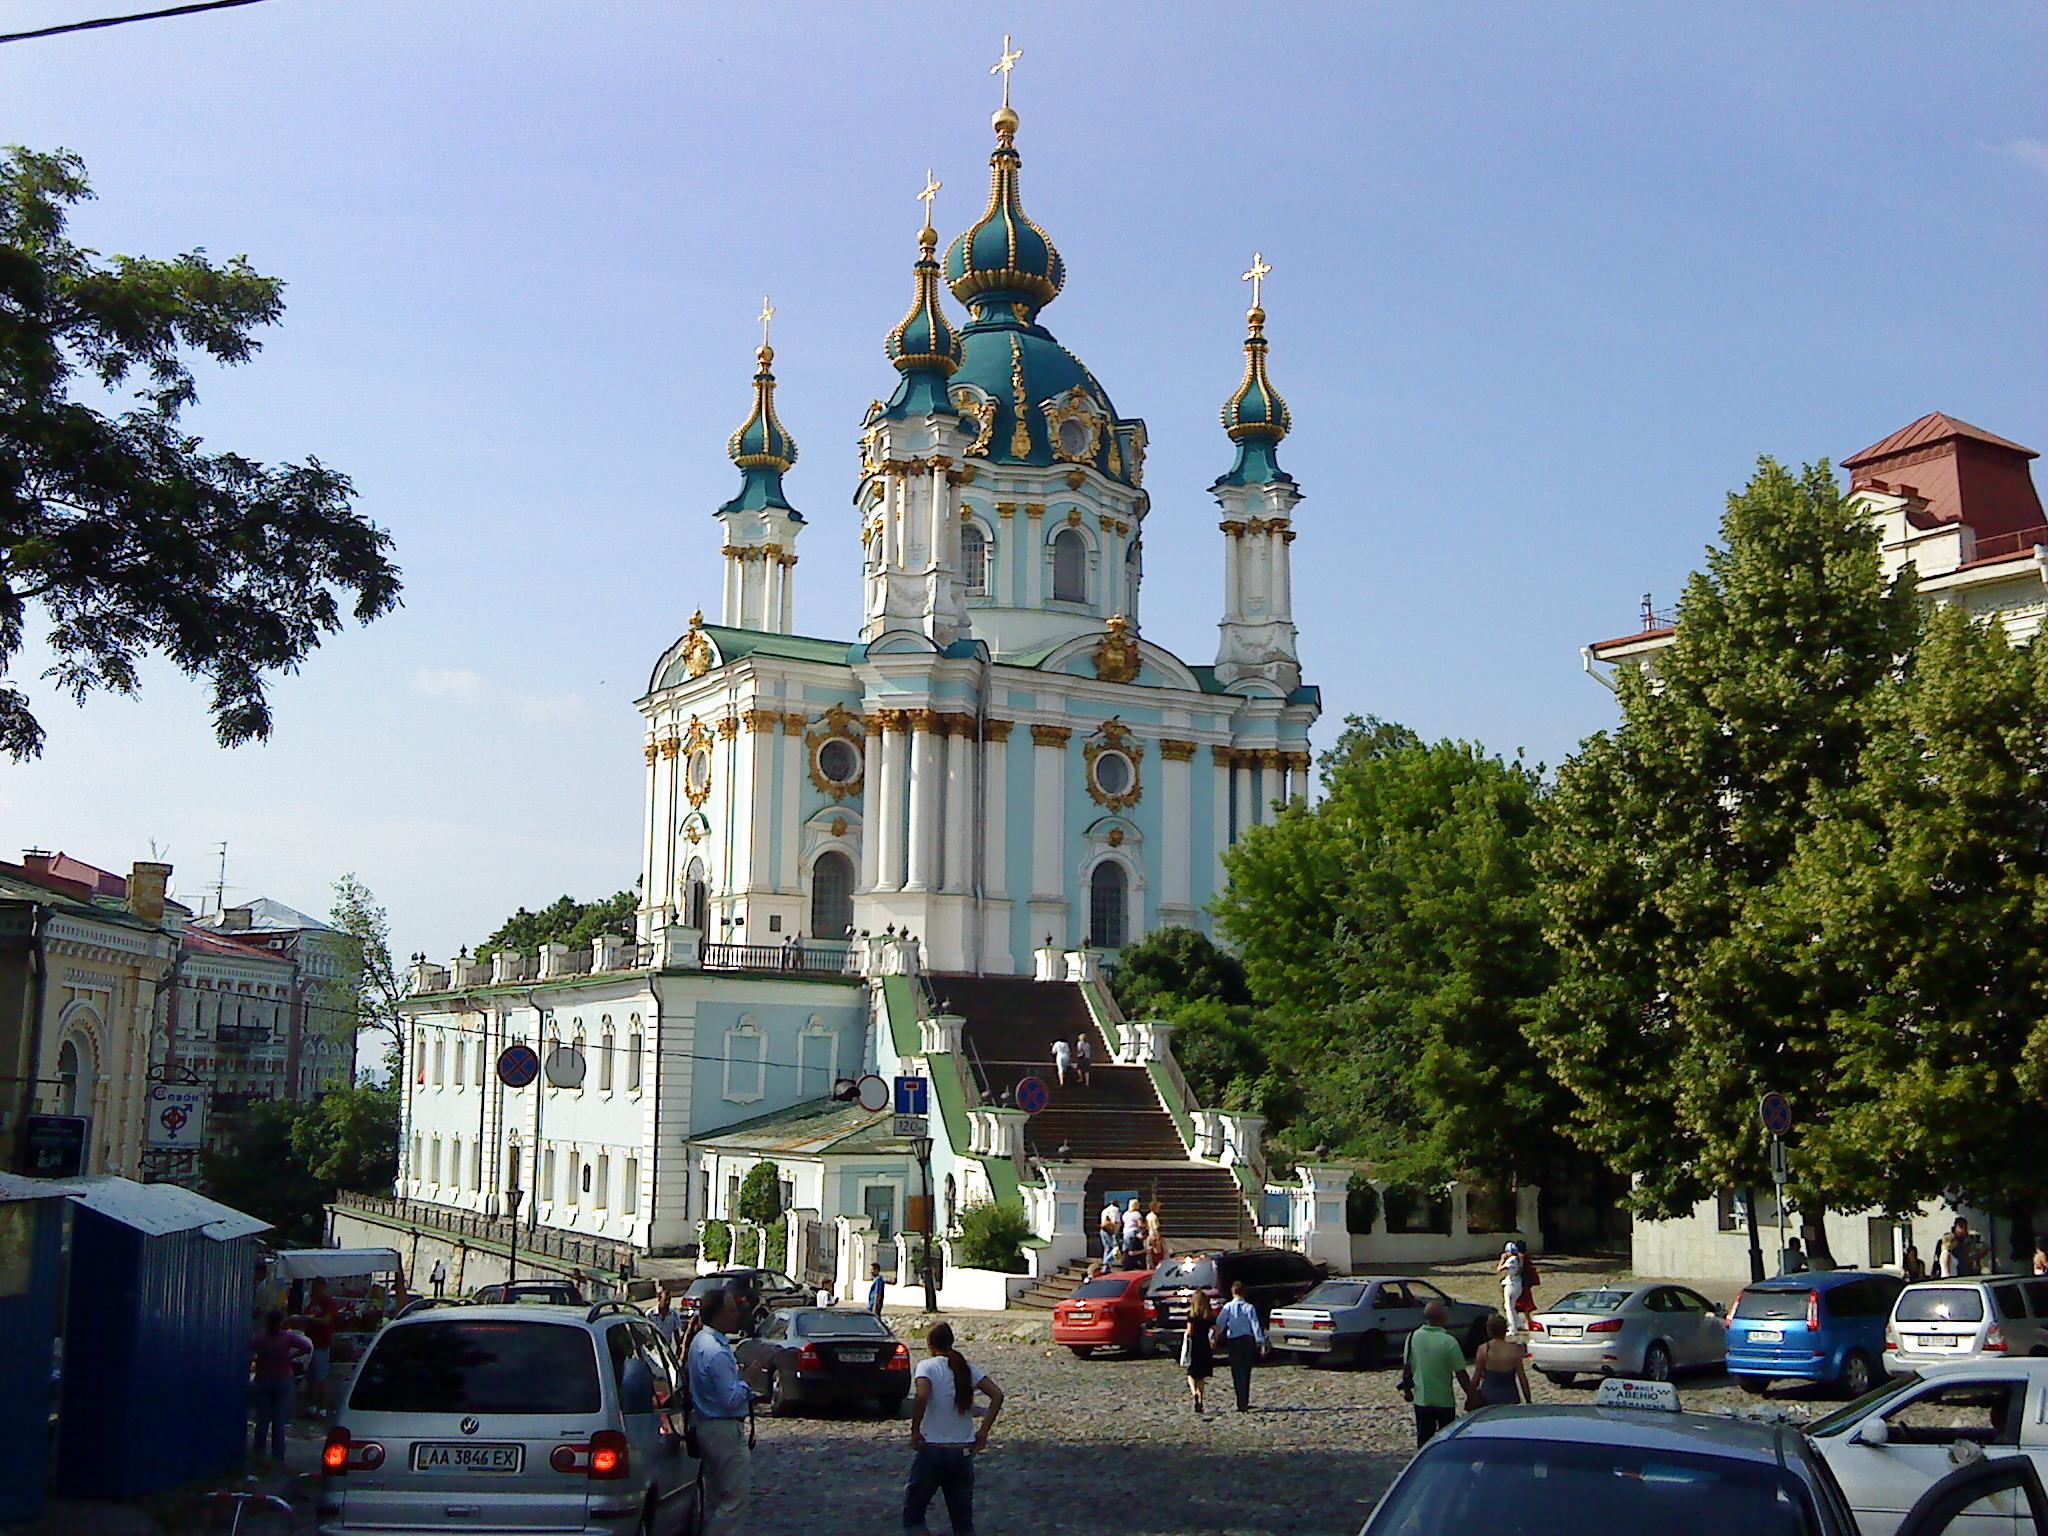 excursion_tours_ukraina_kiev_zaezdi_na_prazdniki_1